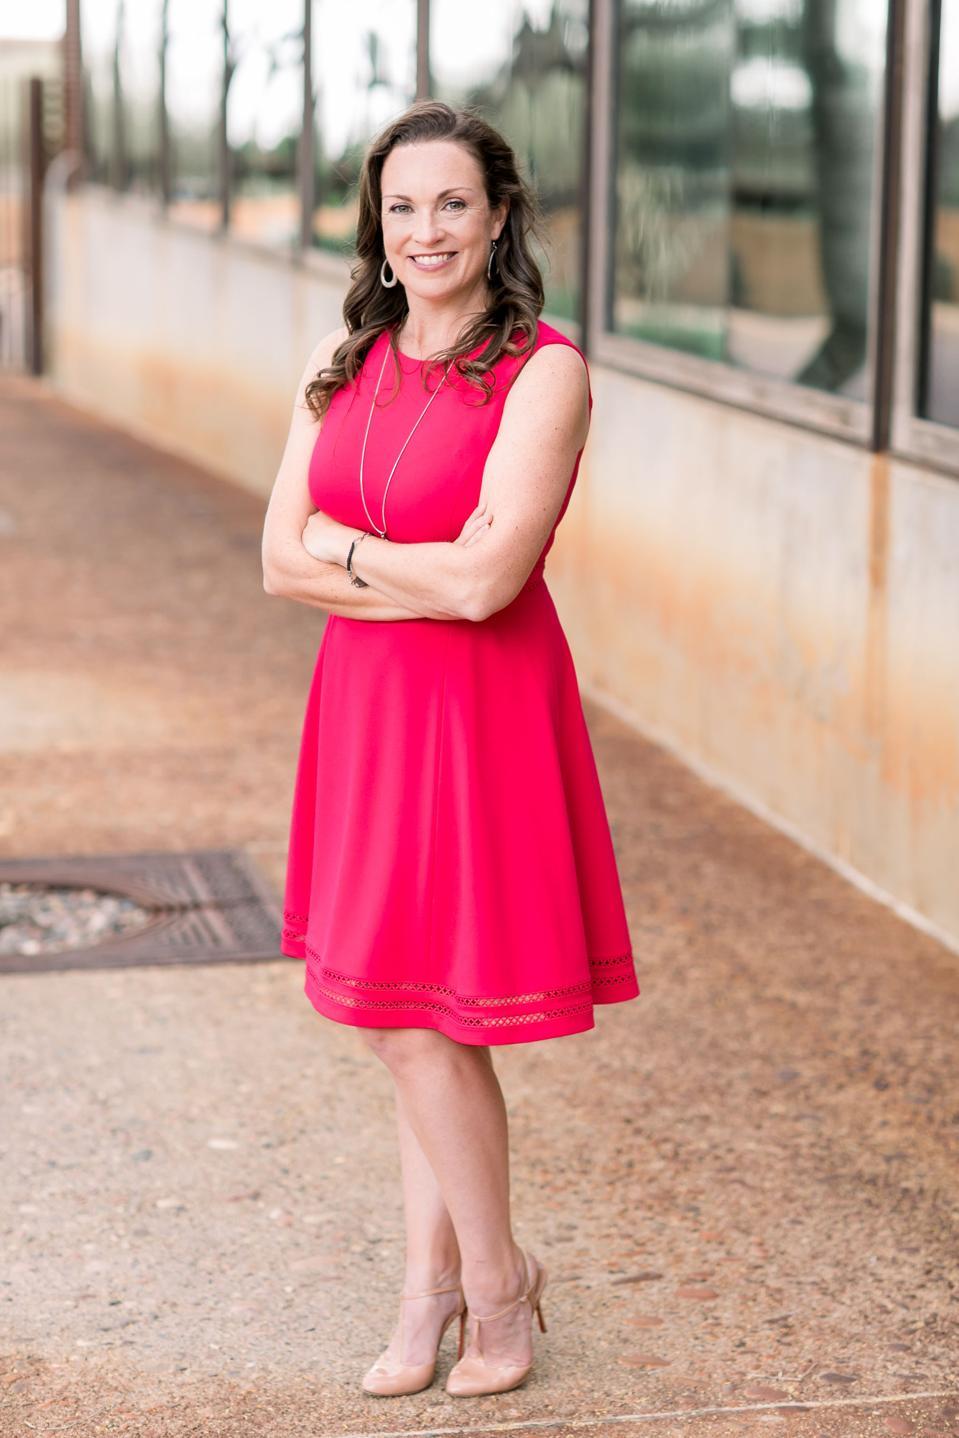 Shandee Chernow a lancé son entreprise en 2017 après une vie passée à ne pas savoir comment elle réagirait à tout aliment qui passerait ses lèvres.